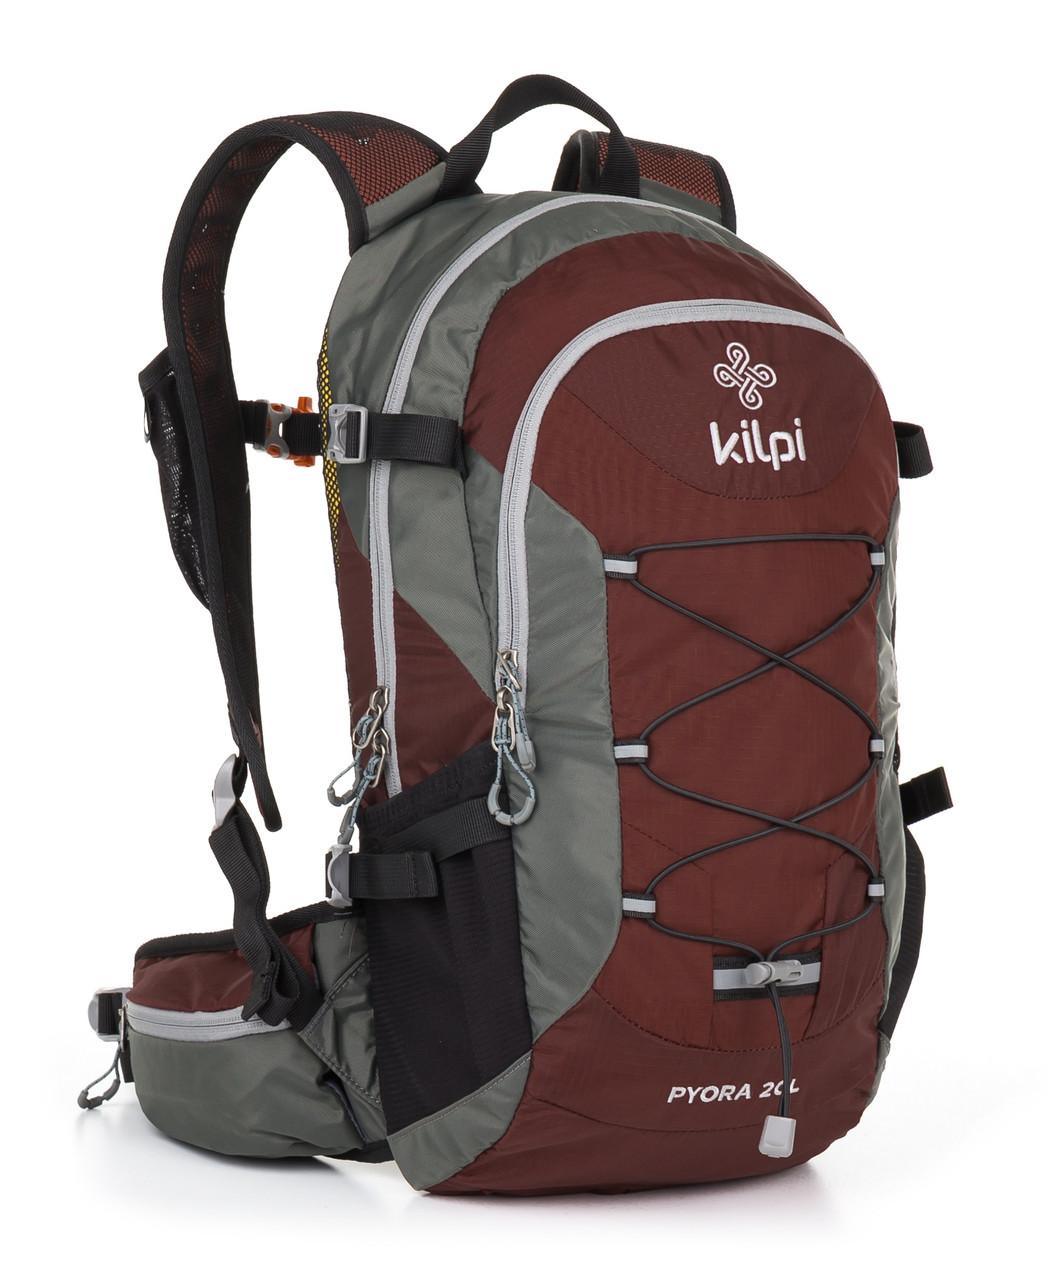 Рюкзак Kilpi PYORA-U красный 20L